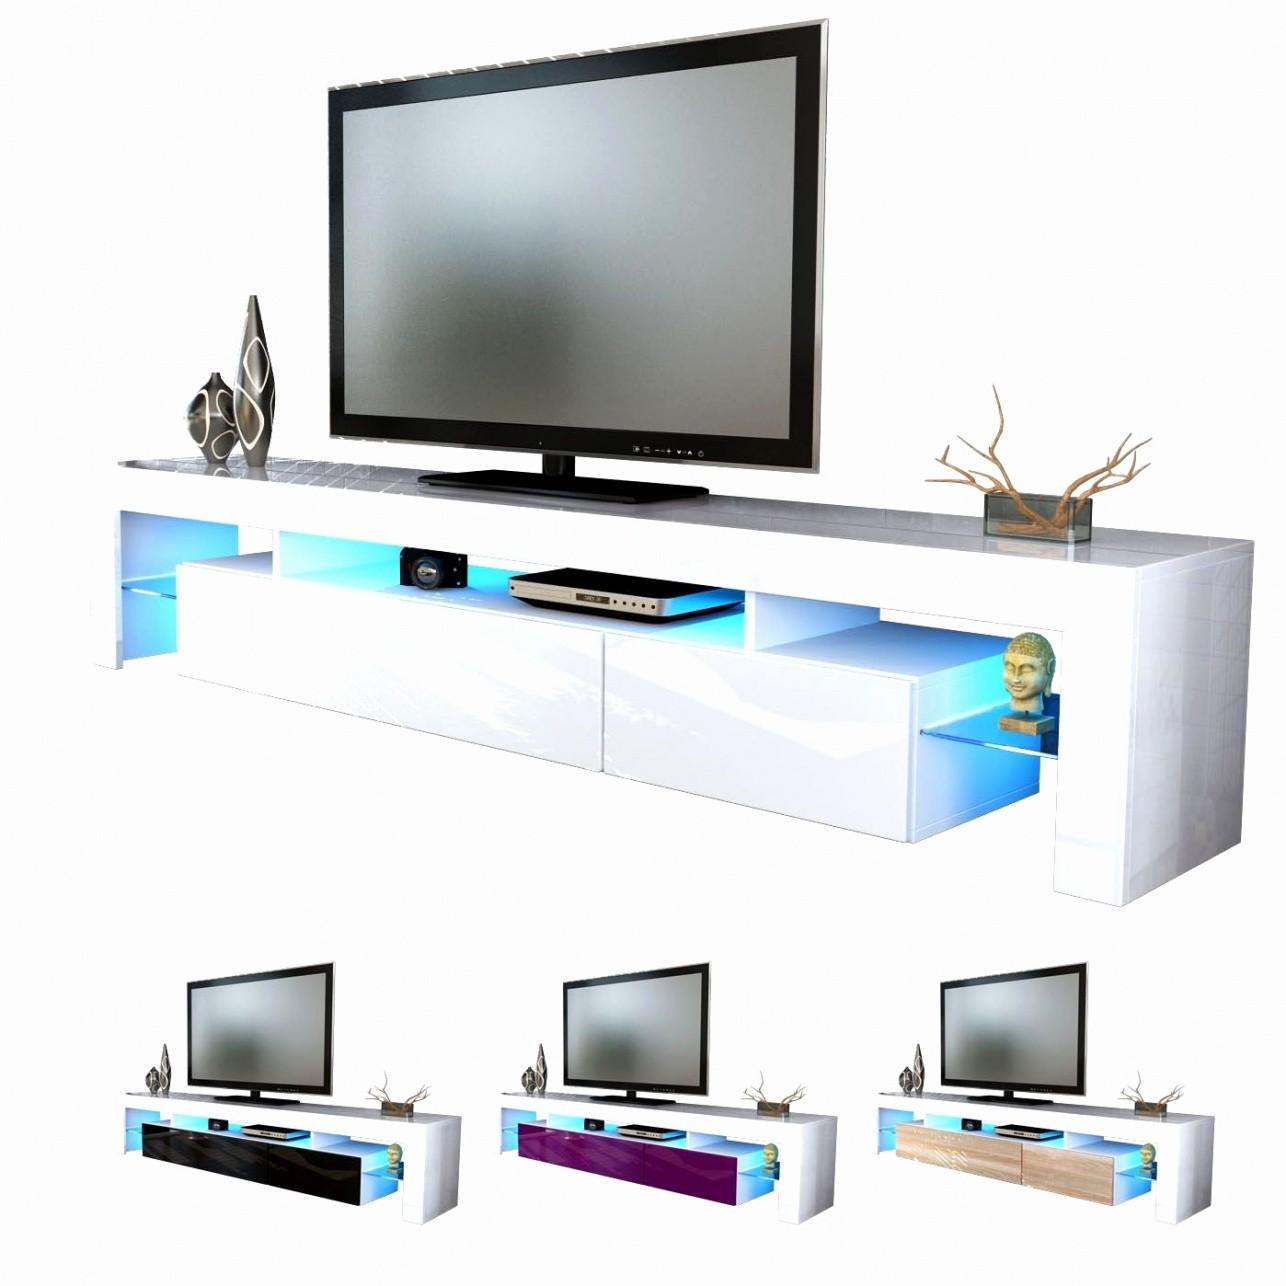 le bon coin 25 meubles meuble tv coin beau le bon coin 30 meubles unique littoral meuble 0d of le bon coin 25 meubles